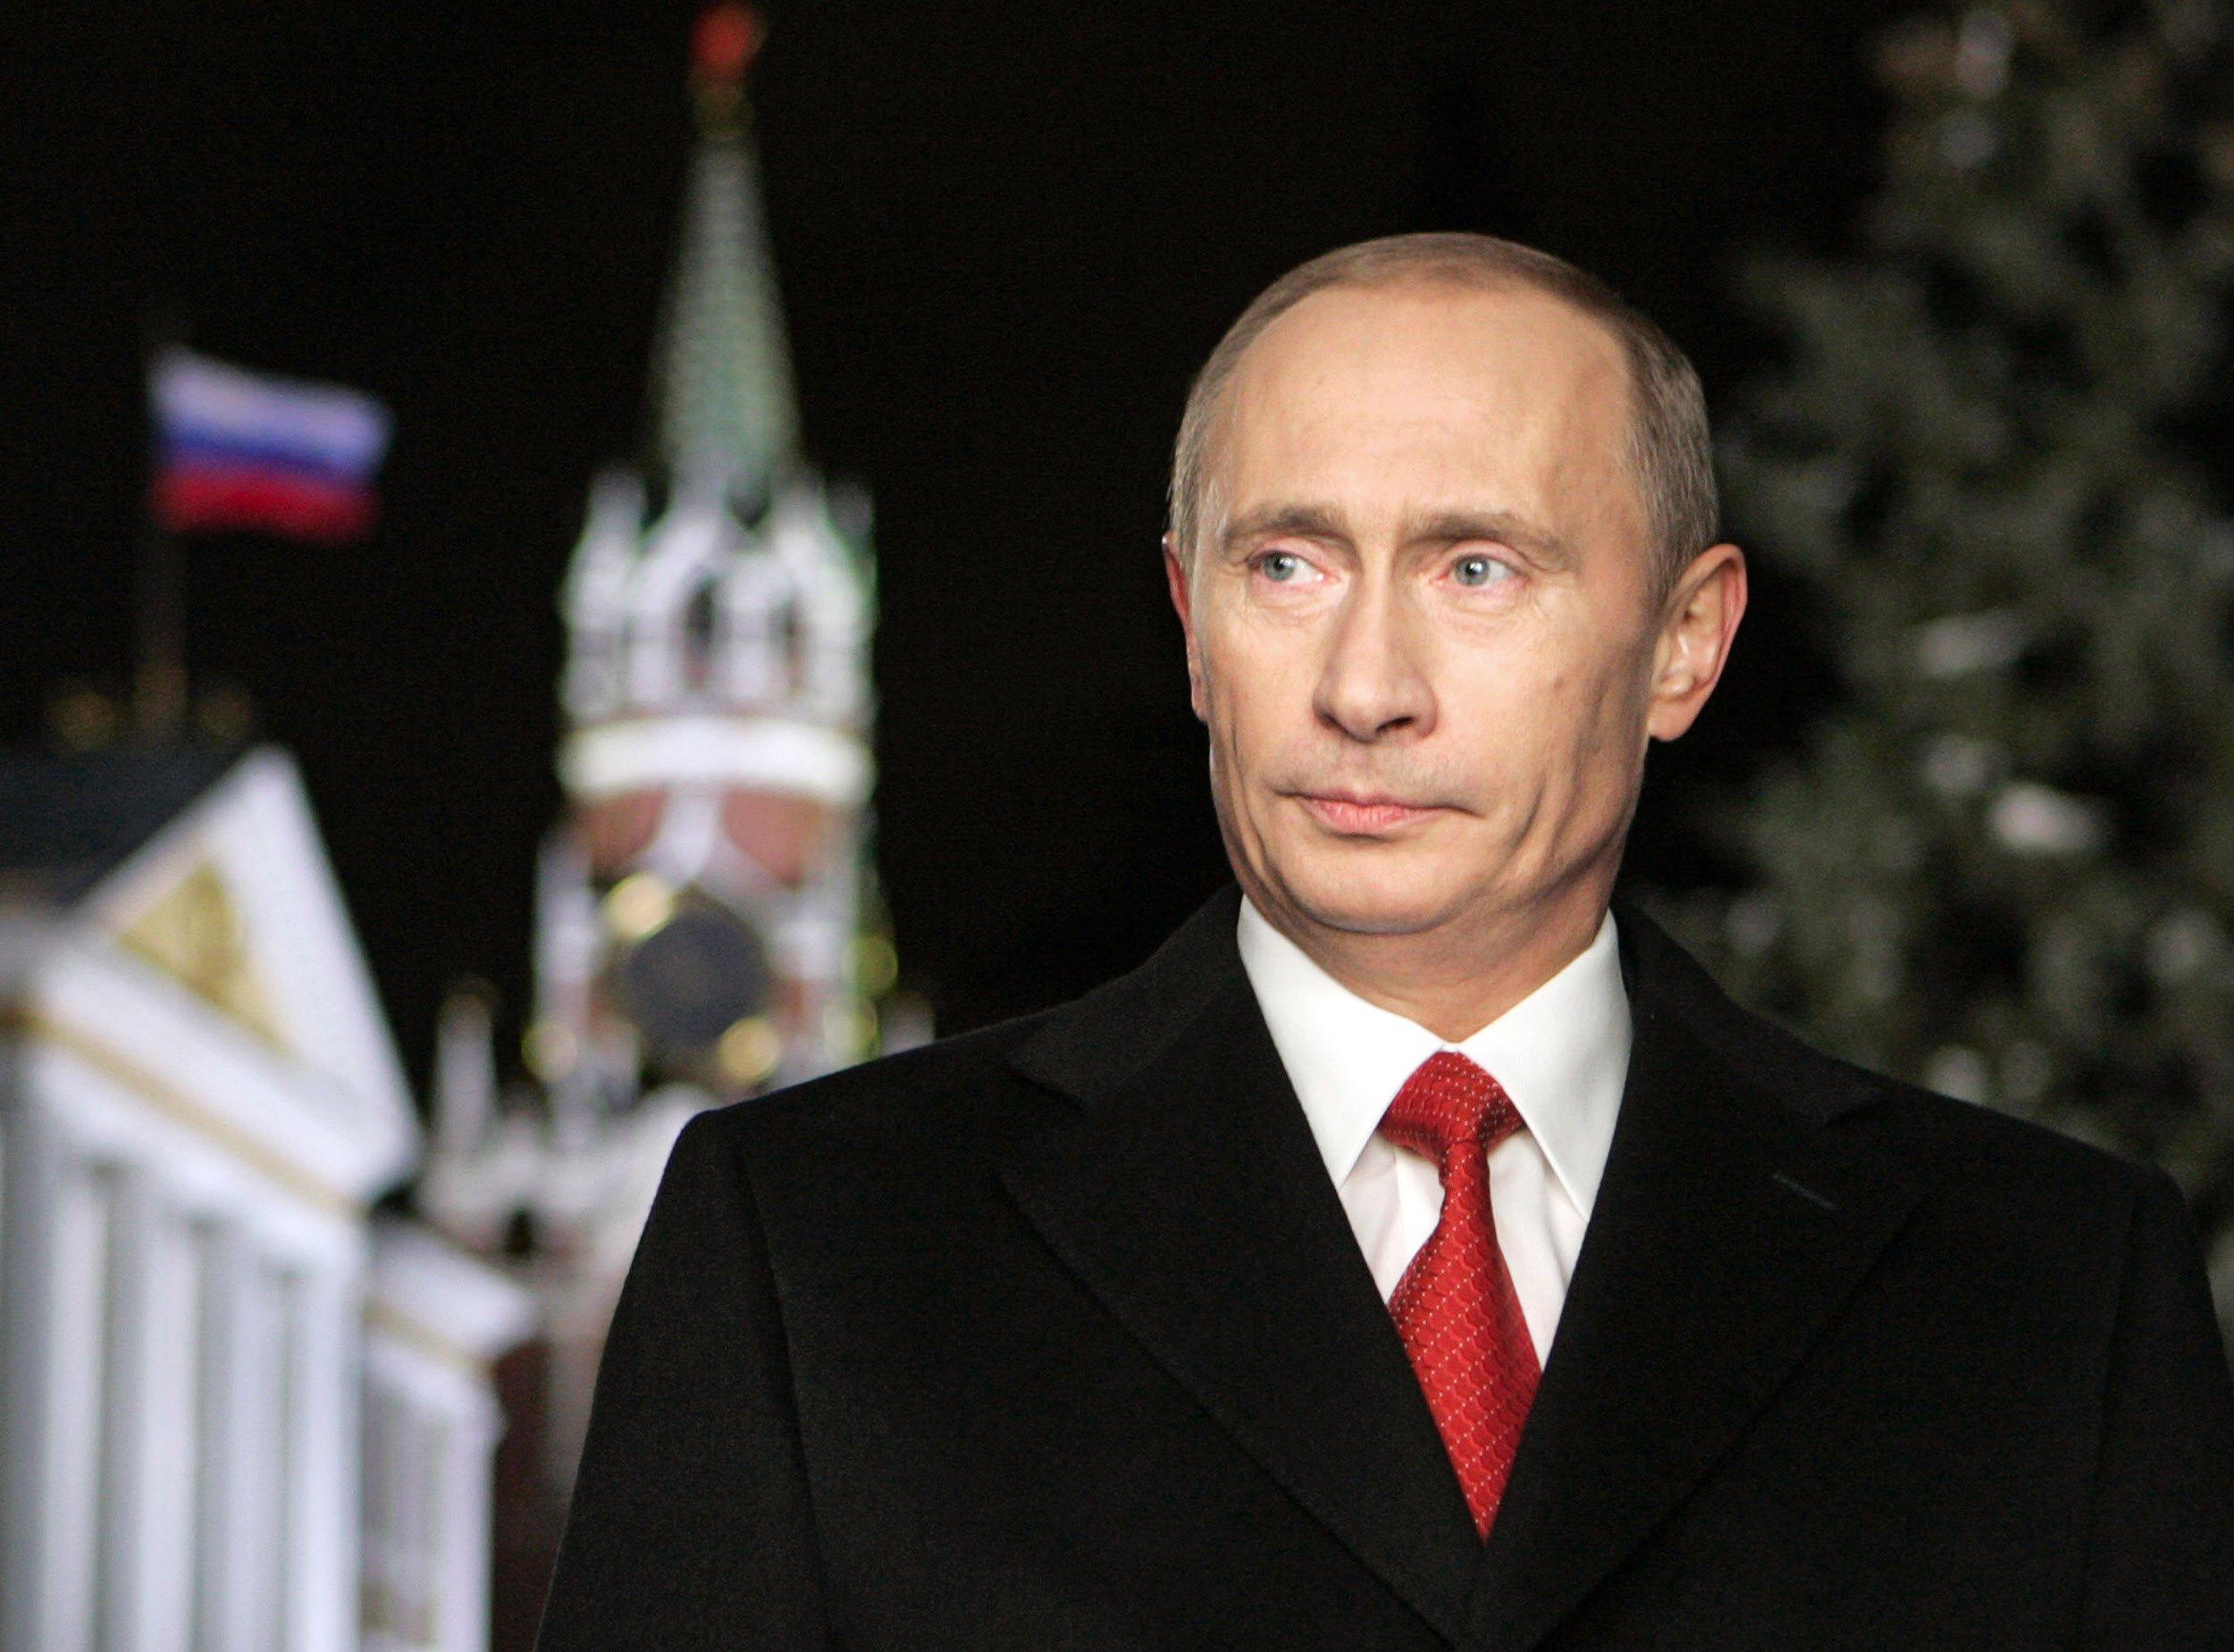 Заккаунтів померлих користувачів «ВКонтакте» почали хвалити Путіна